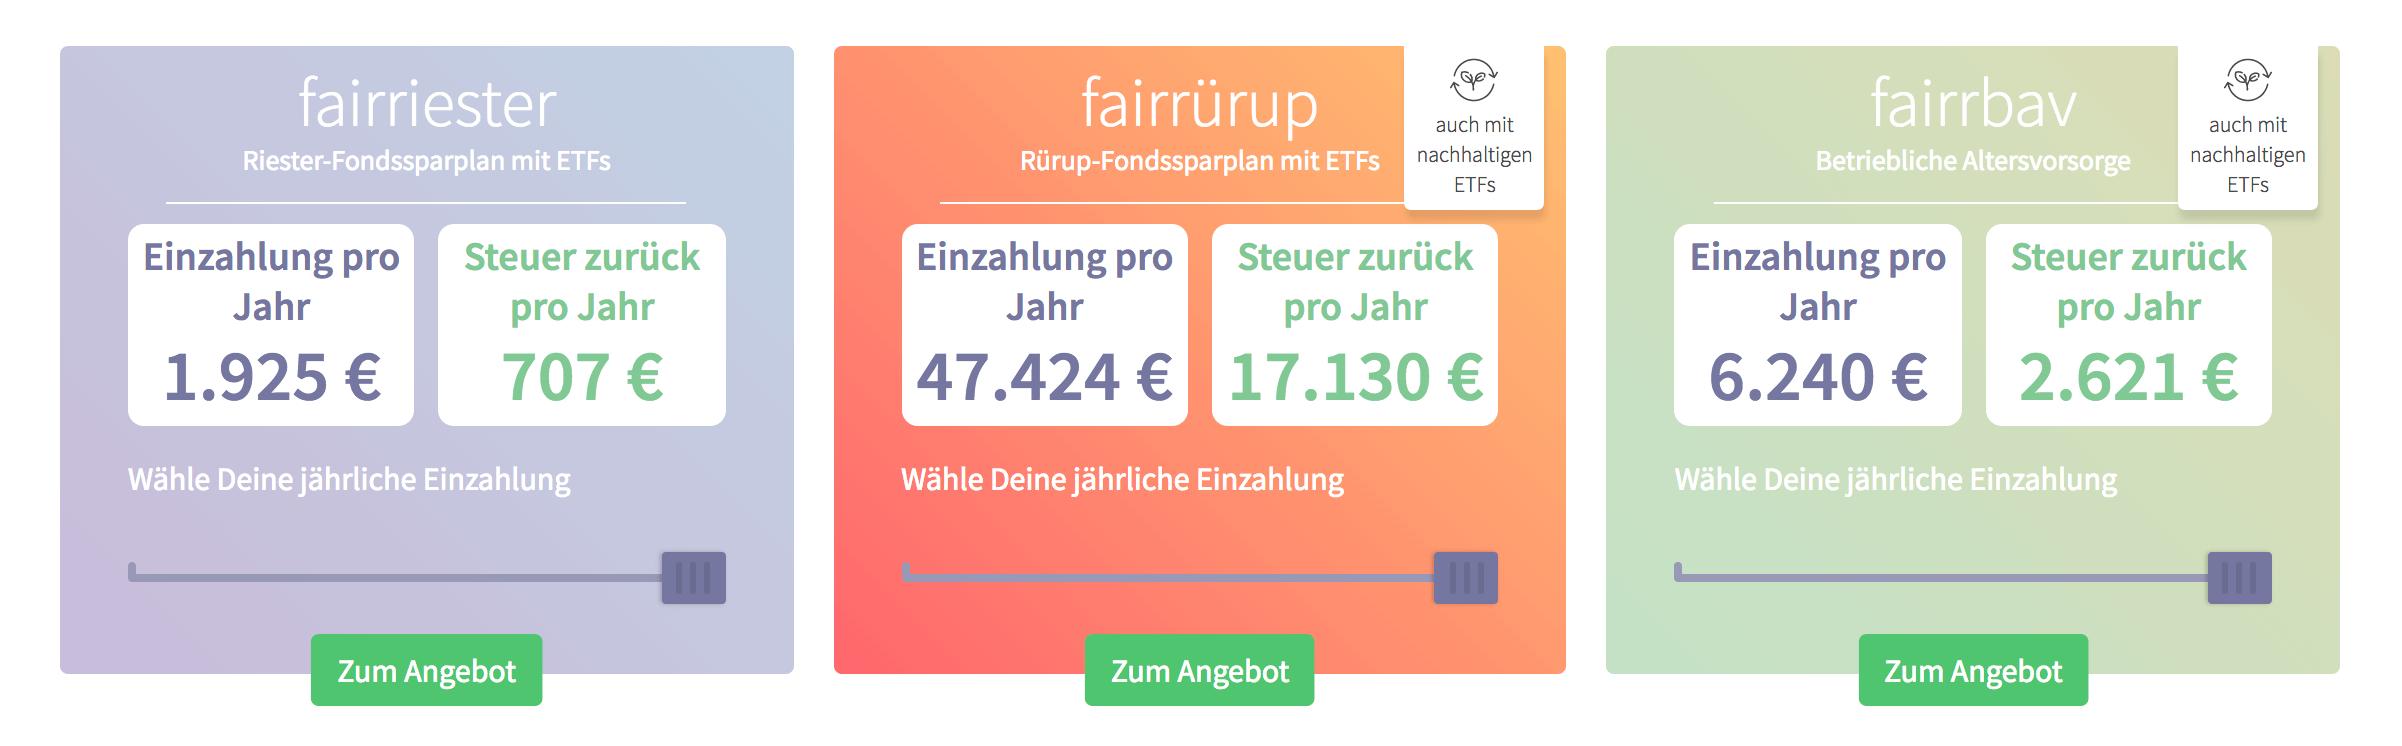 Fairr.de hält verschiedene Produkte bereit, darunter auch fairrbav